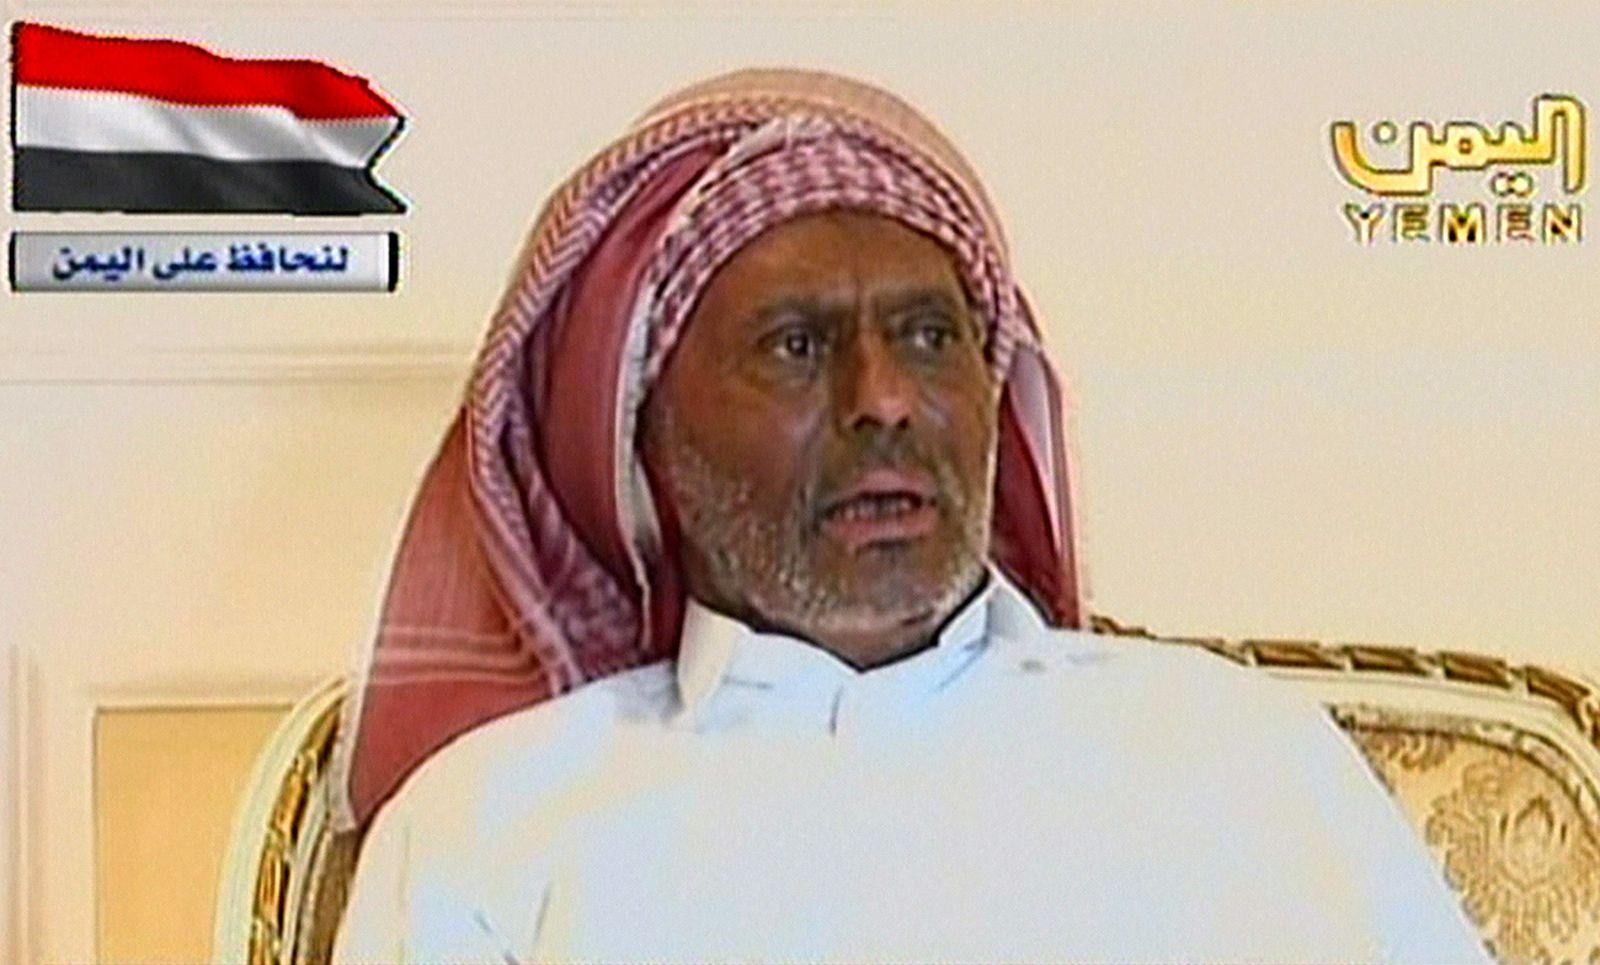 Salih Jemen